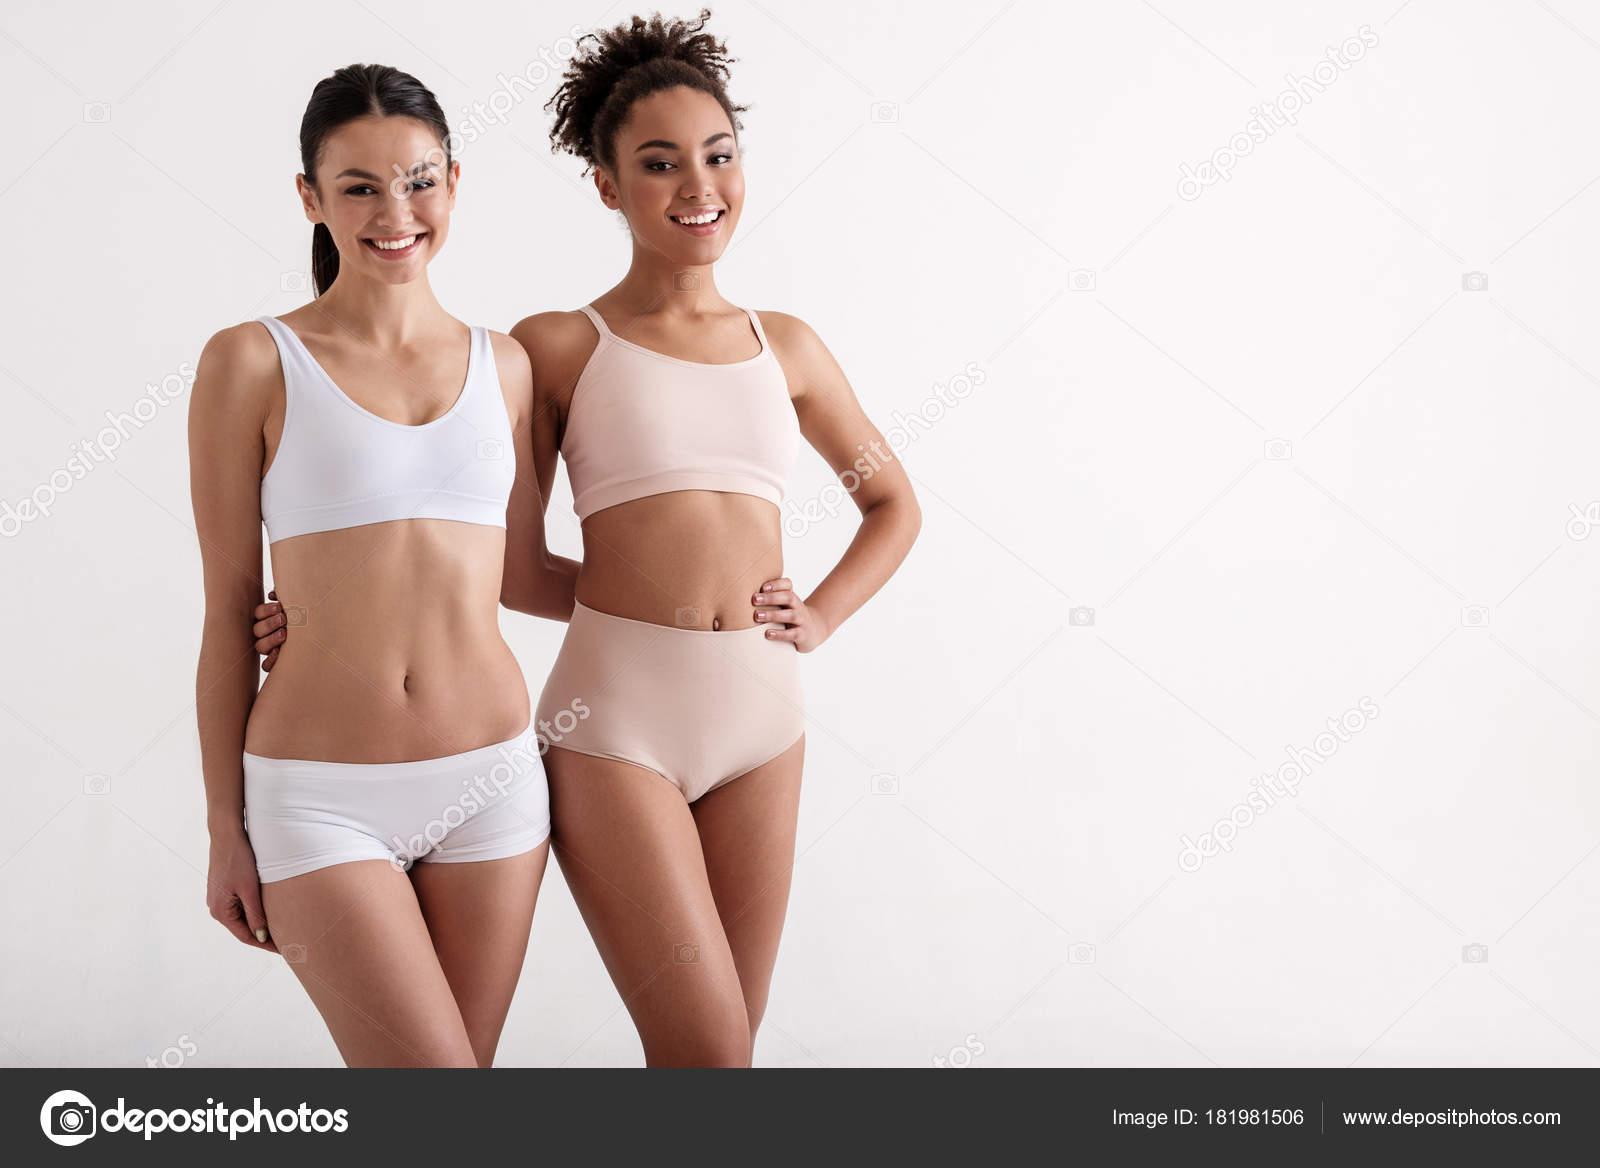 Фотки девушек в нижнем белье в обтяжку